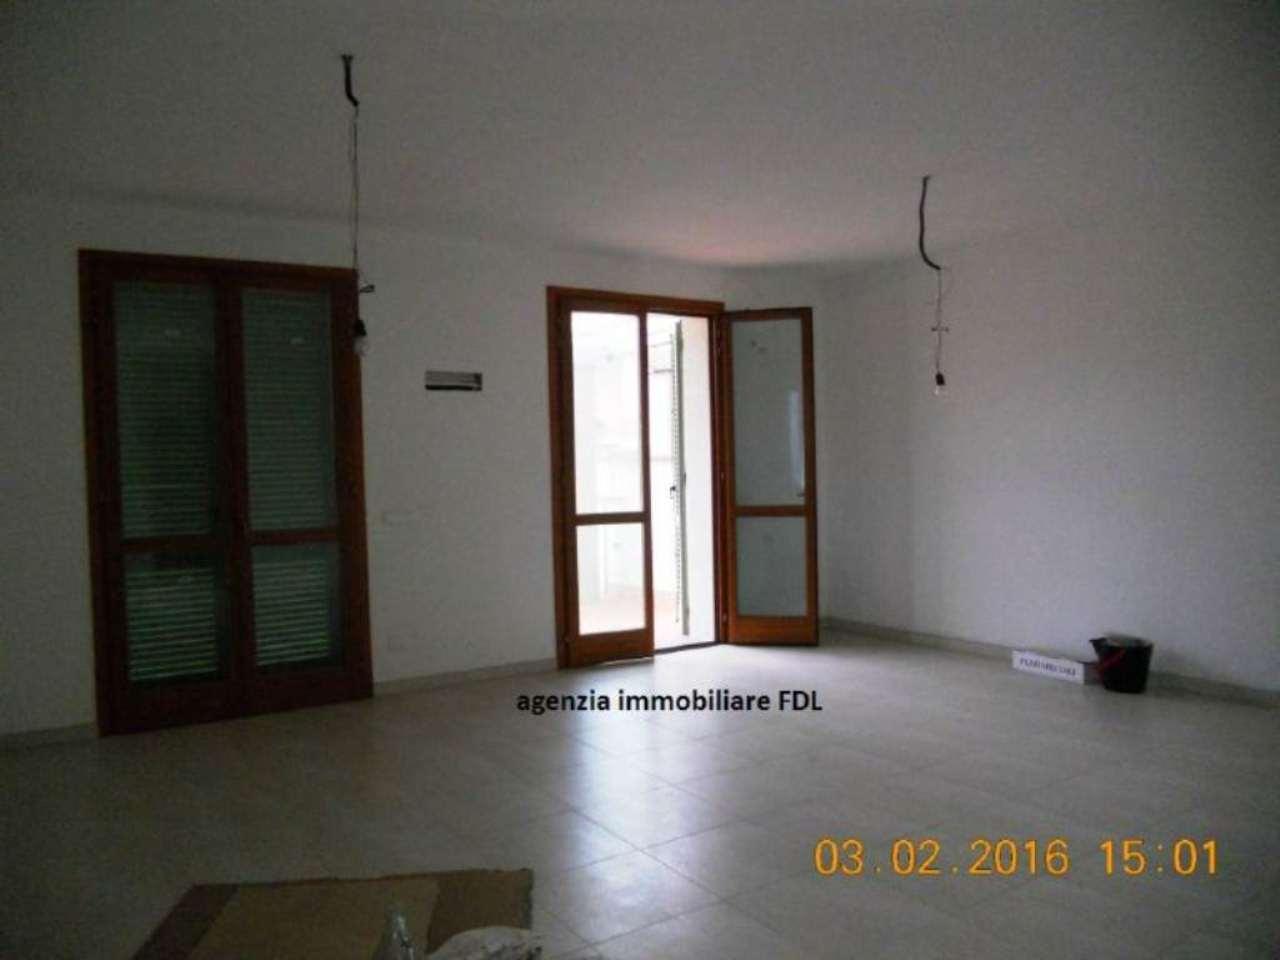 Palazzo / Stabile in vendita a Ponsacco, 8 locali, prezzo € 415.000 | CambioCasa.it